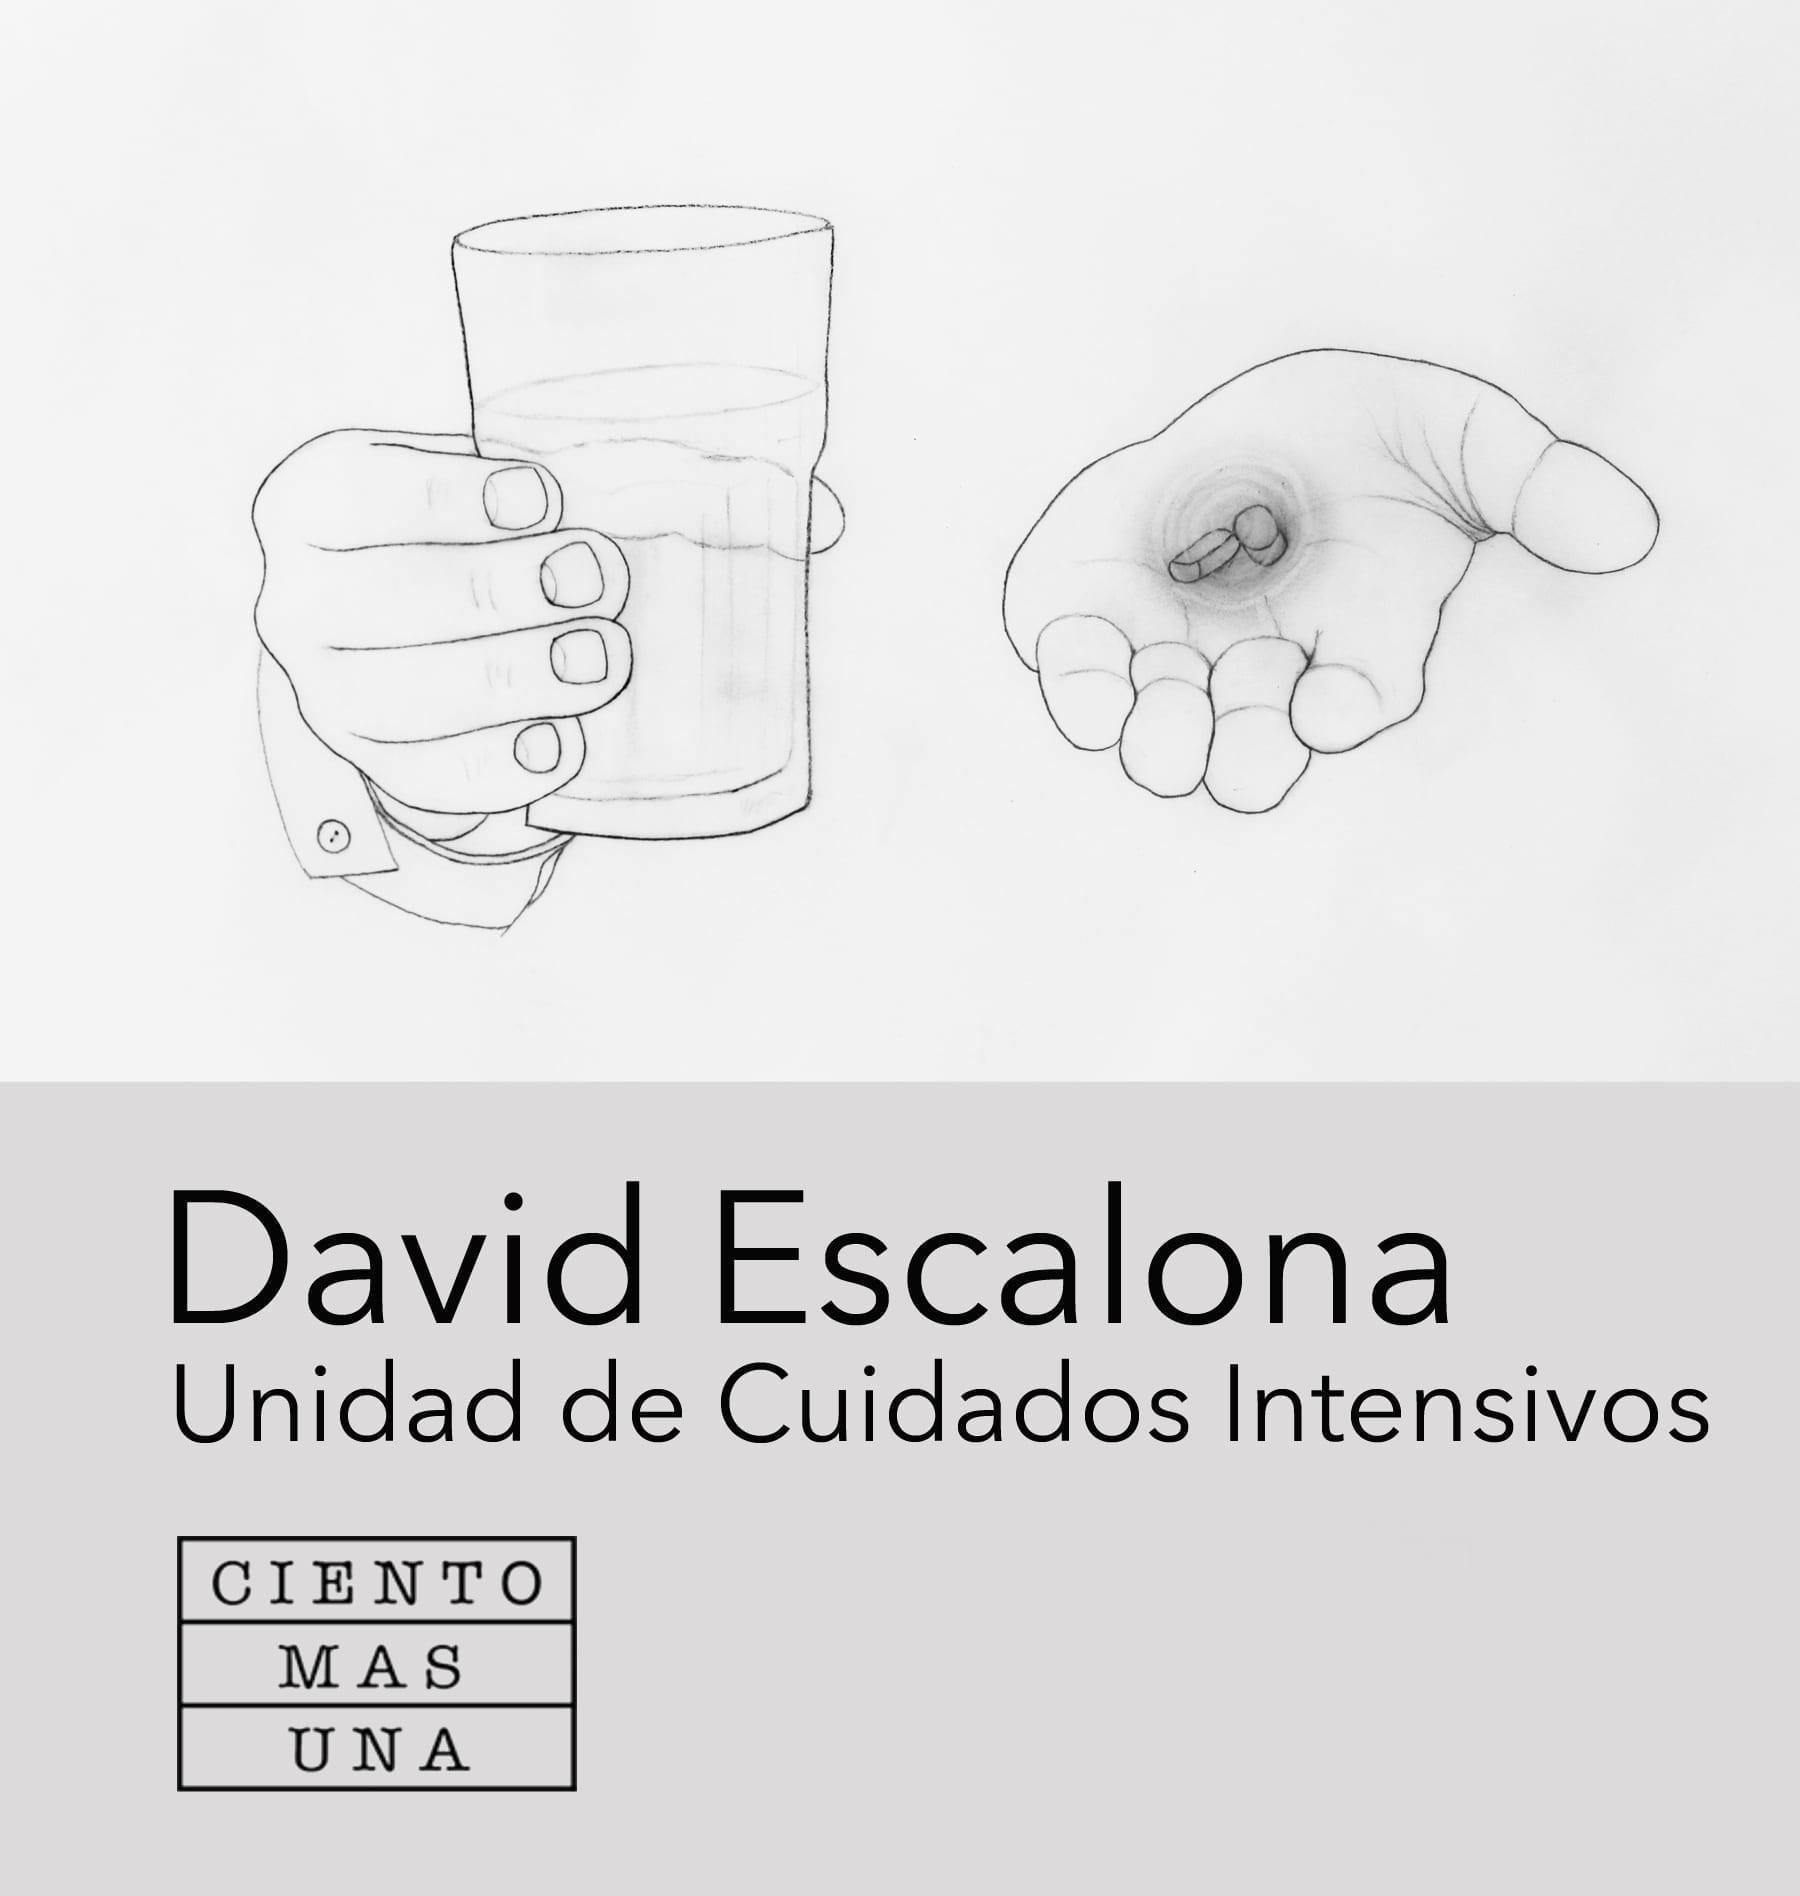 David Escalona, Unidad de Cuidados intensivos, 2018